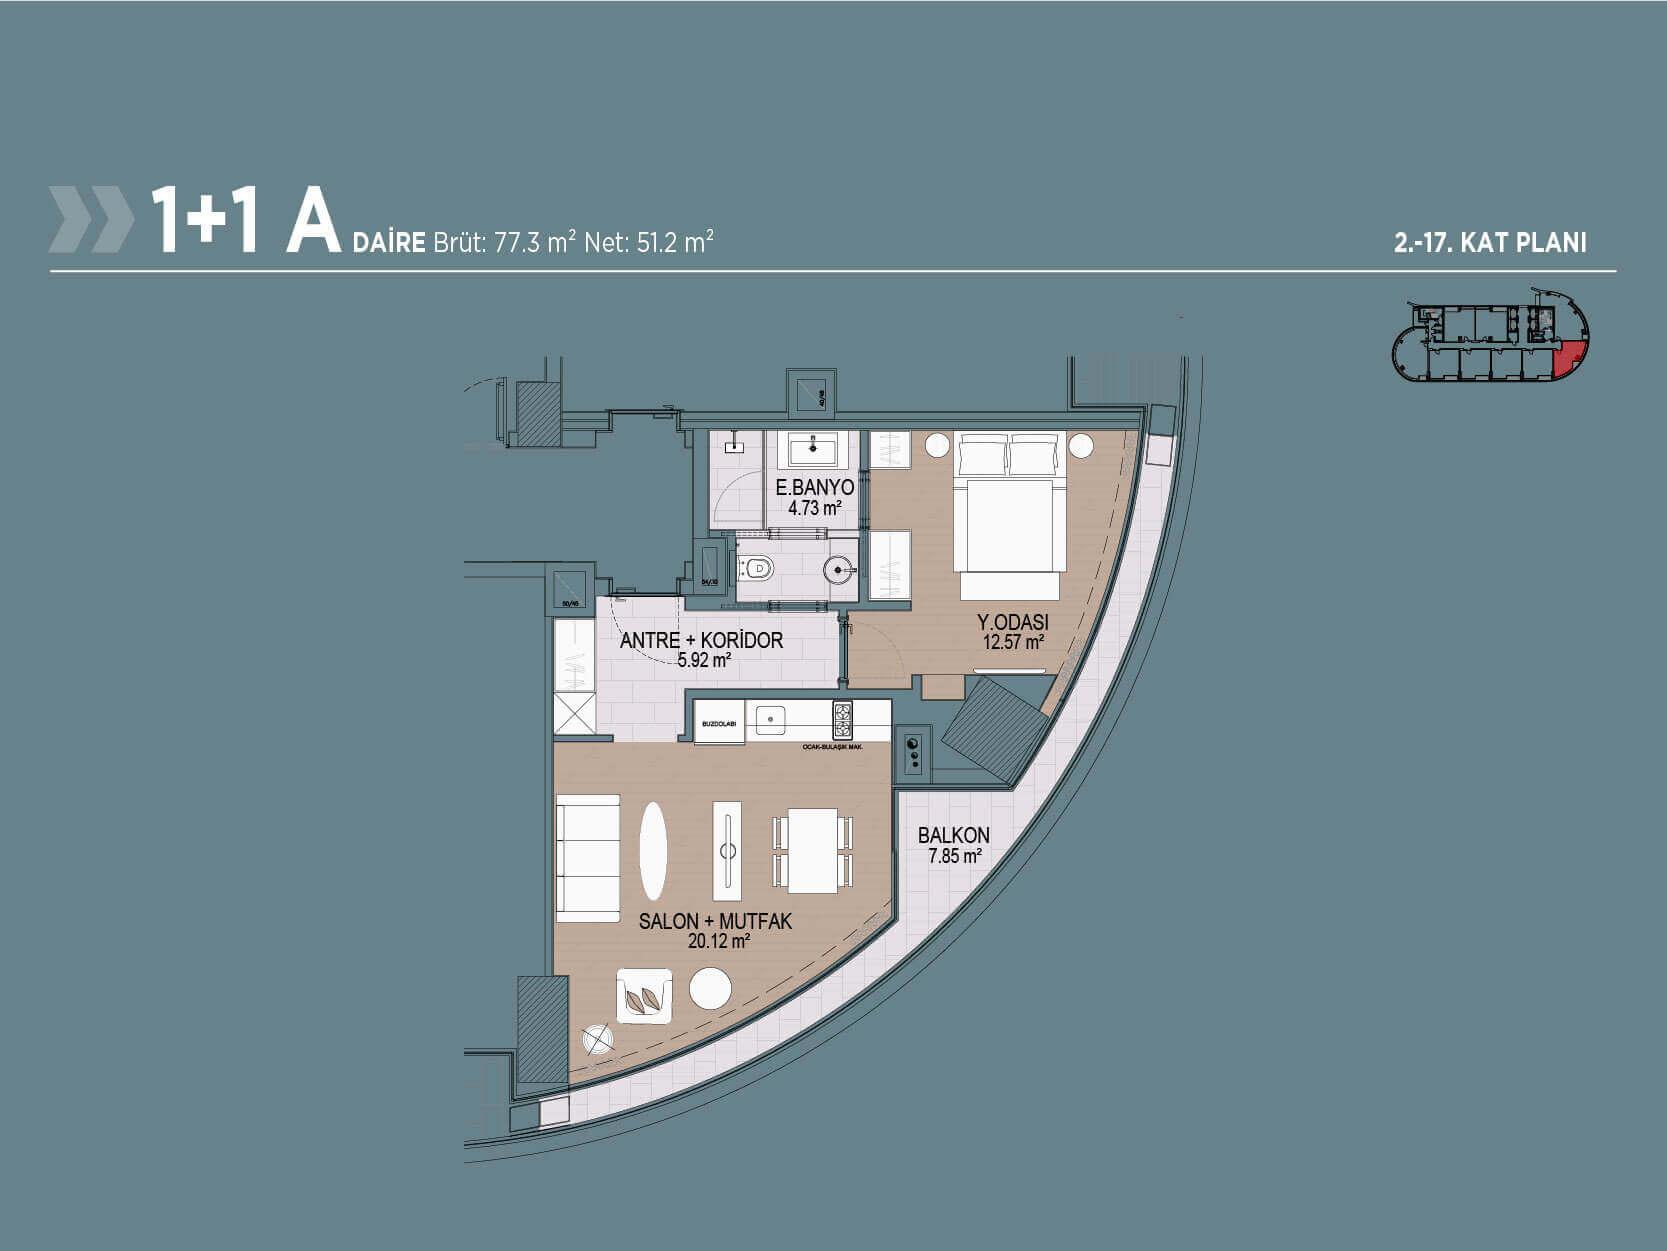 1+1 Style Floor Plan